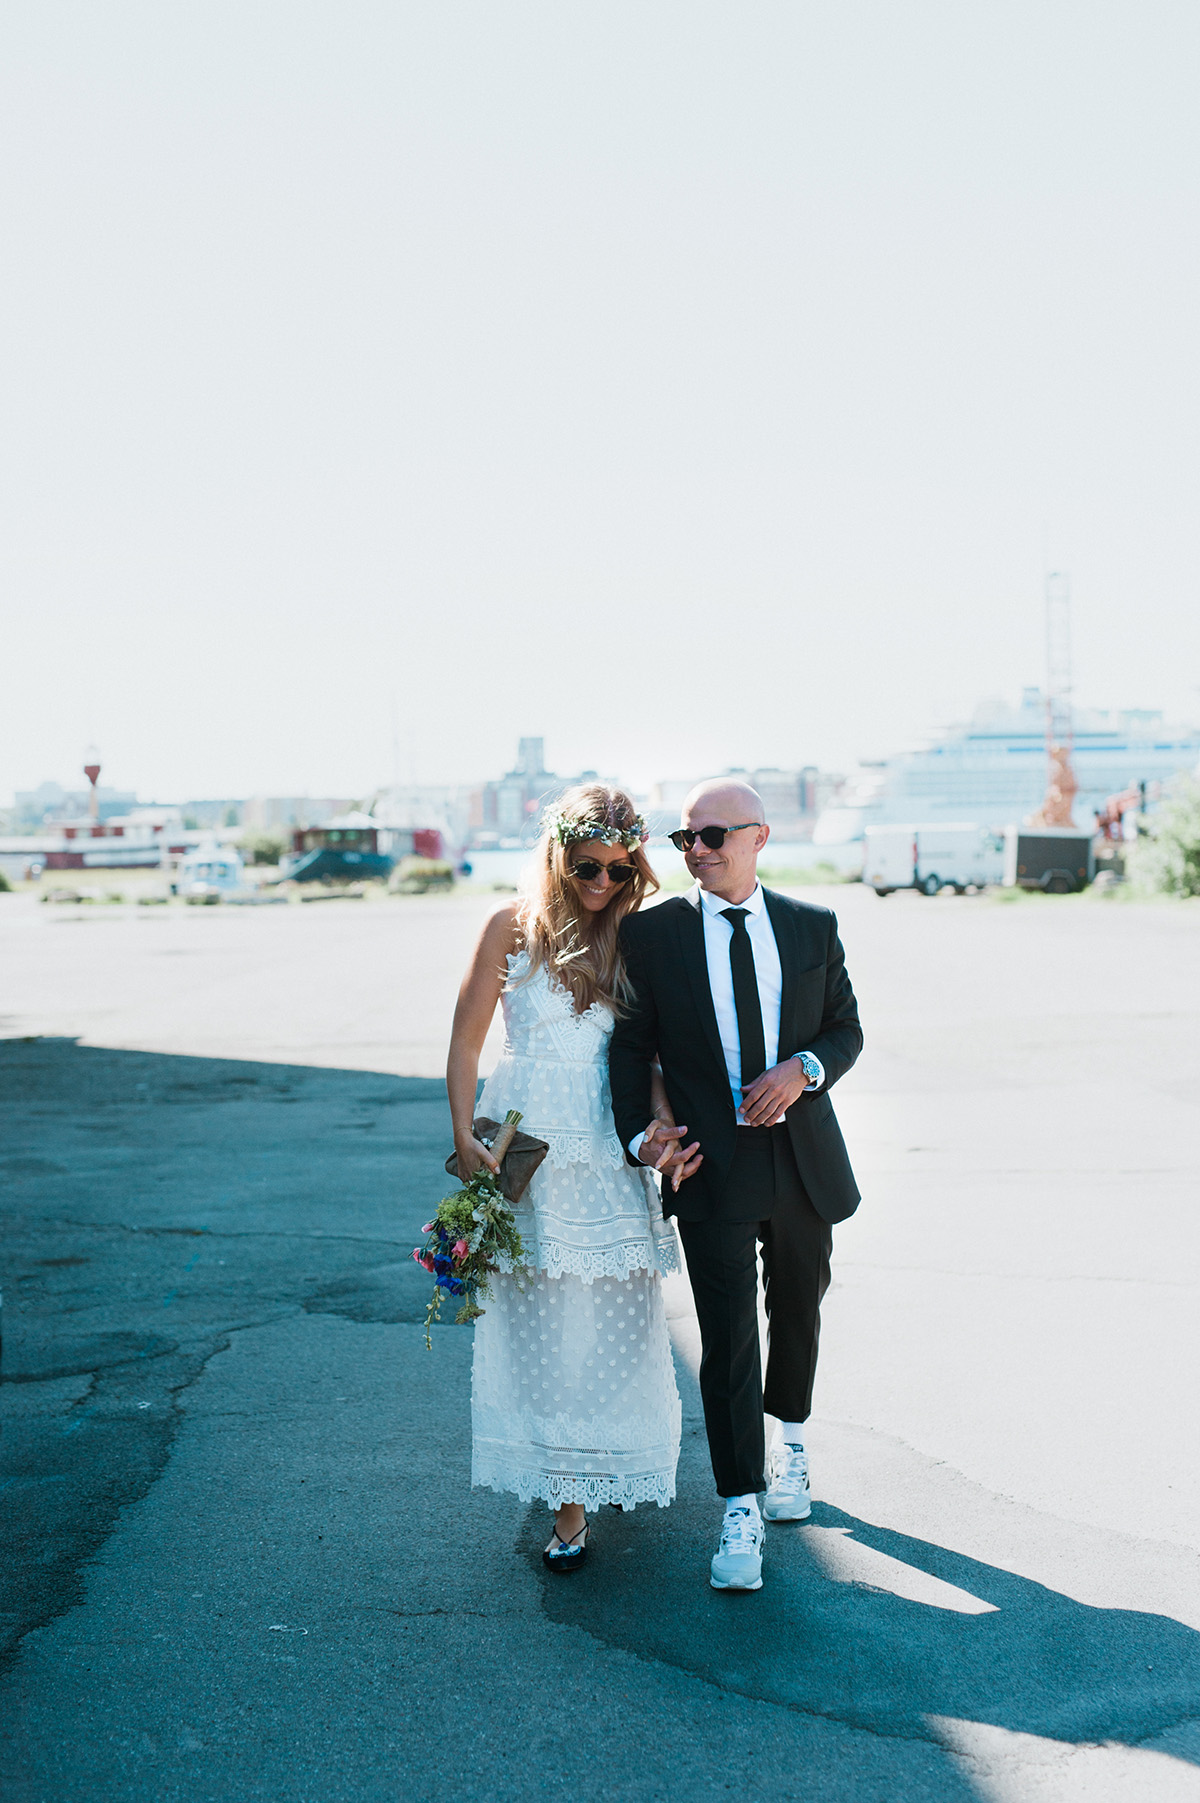 76b41265d307 Det er vores bryllupsdag. Og i går havde vi således været gift i et år. Et  helt år.